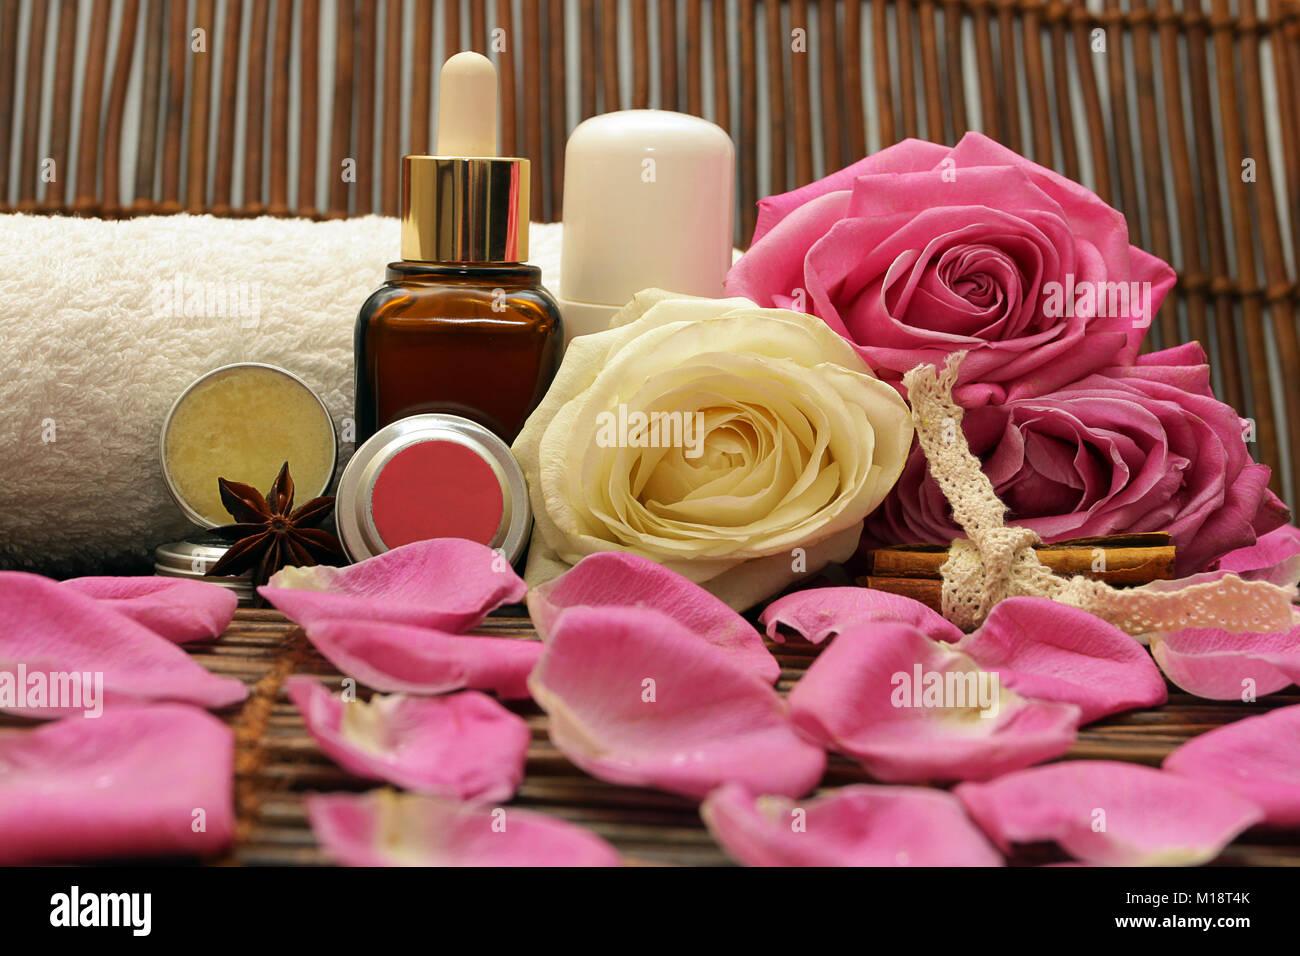 Rosas y Miel